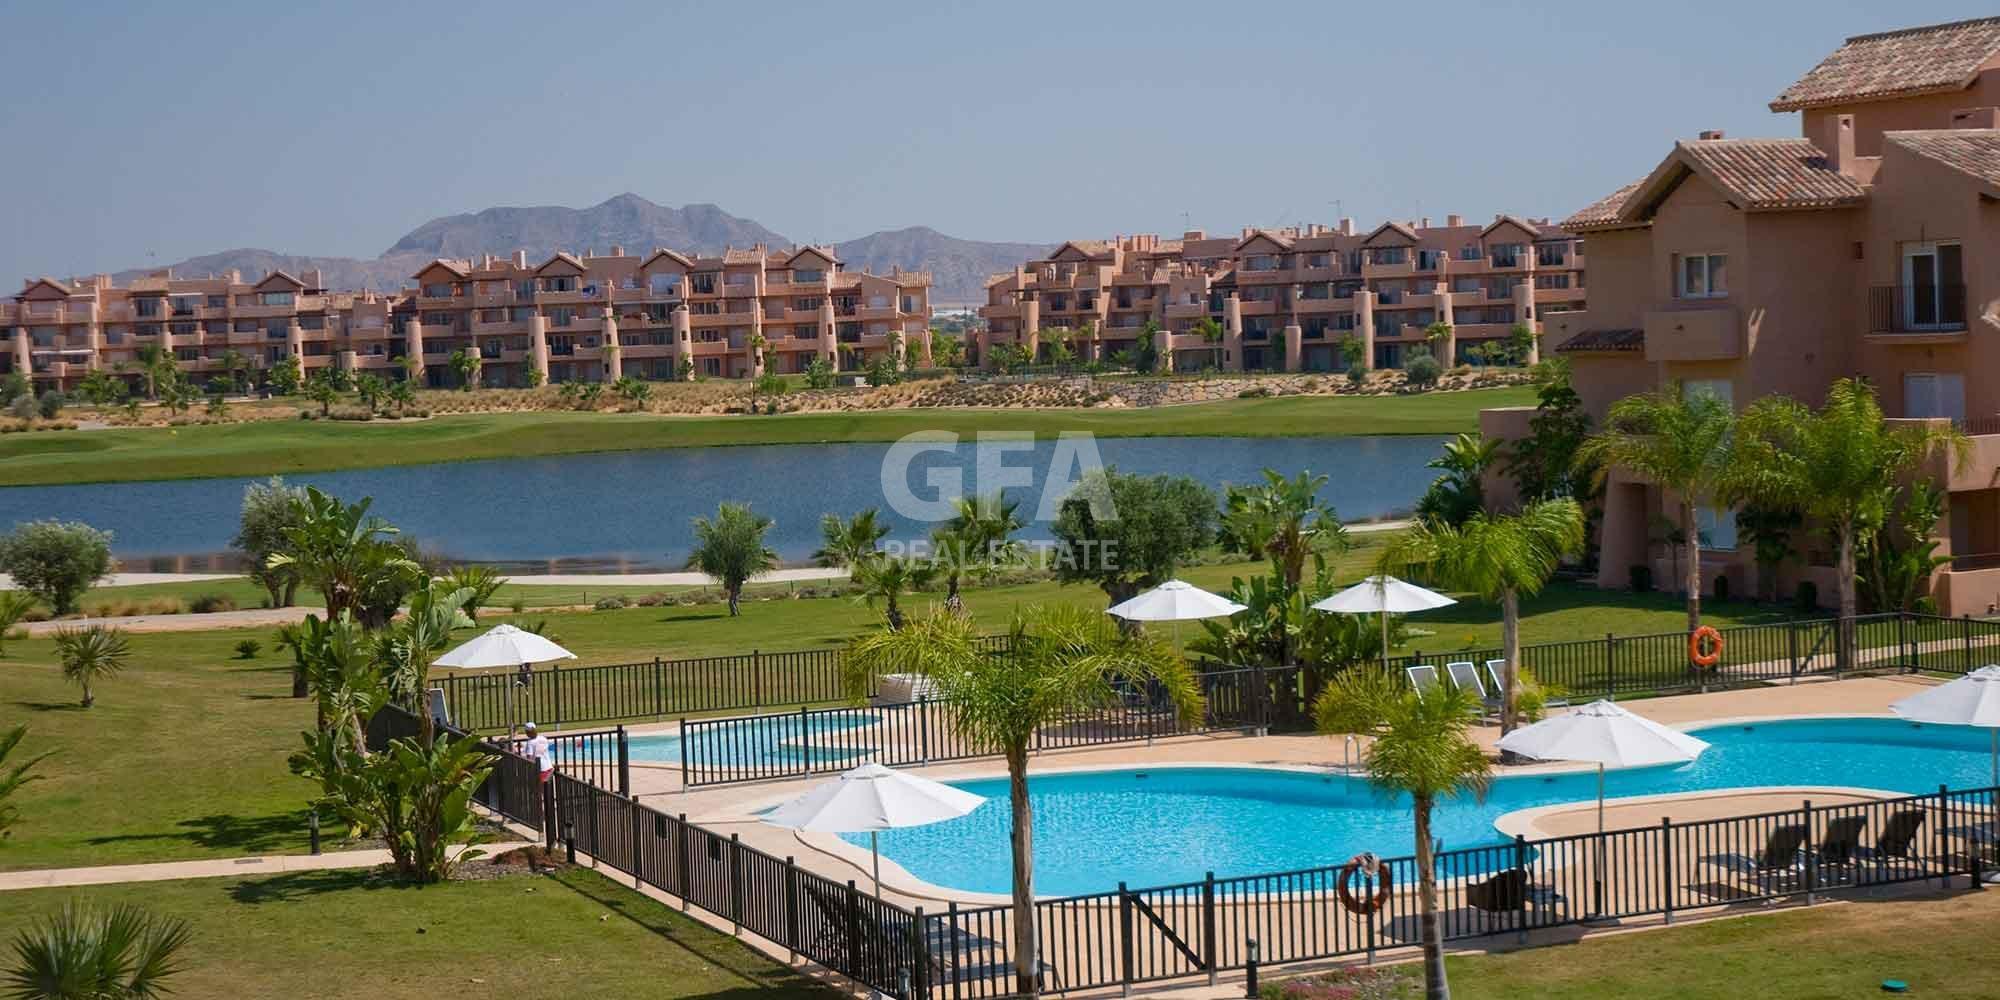 Residencial obra nueva Mar Menor Golf Resort vista aérea complejo